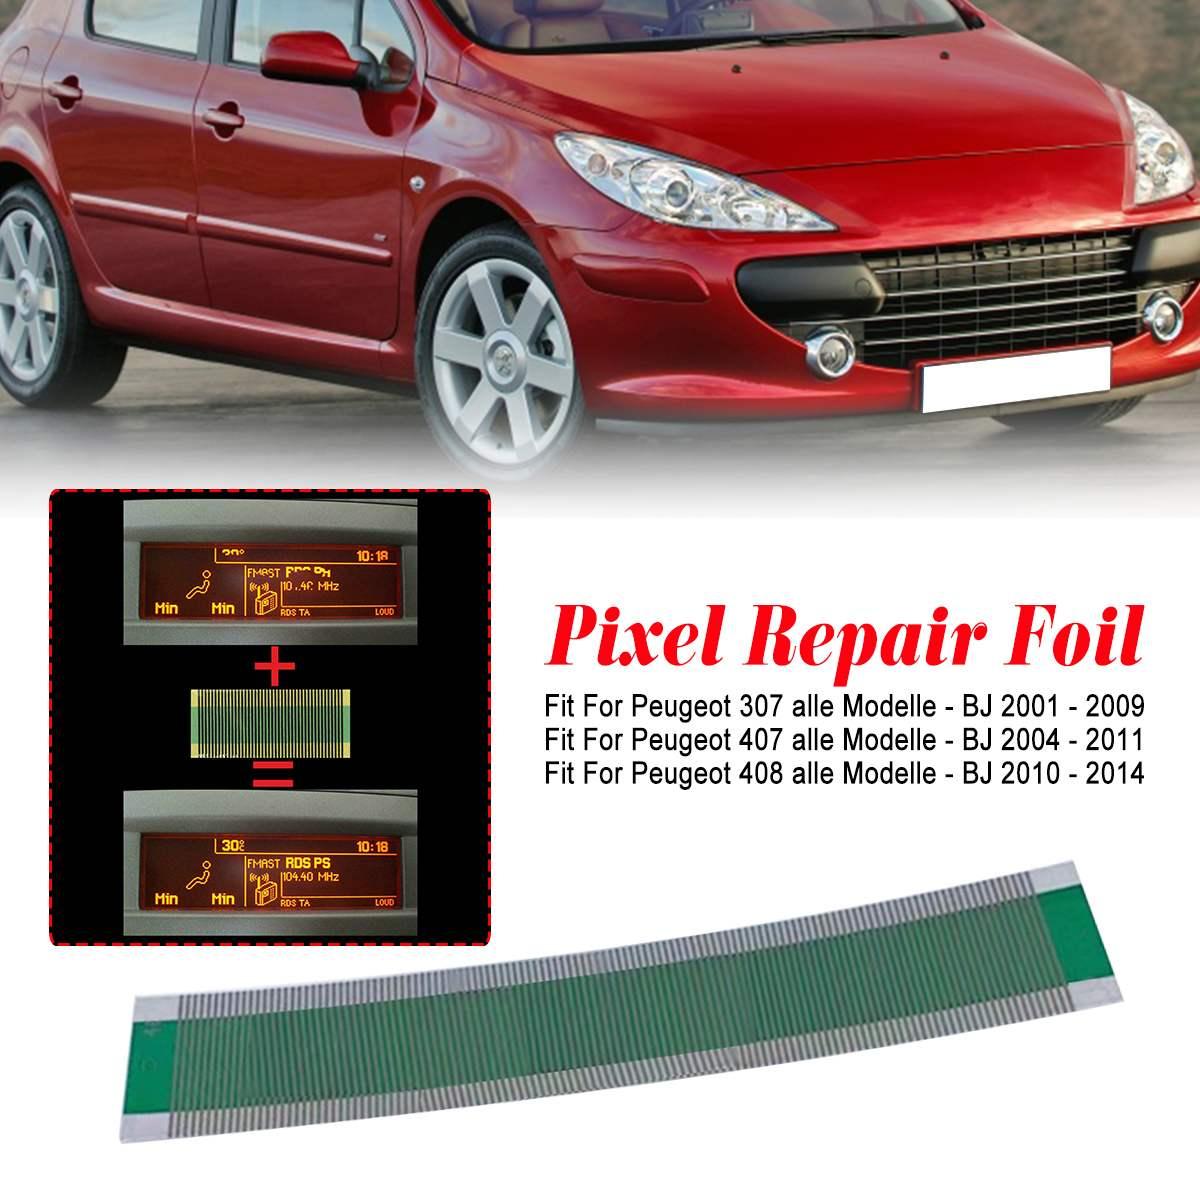 1Pcs Multi Info LCD Display Pixel Repair Foil Flat LCD Connector Dashboard Repair For Peugeot 307/407/408